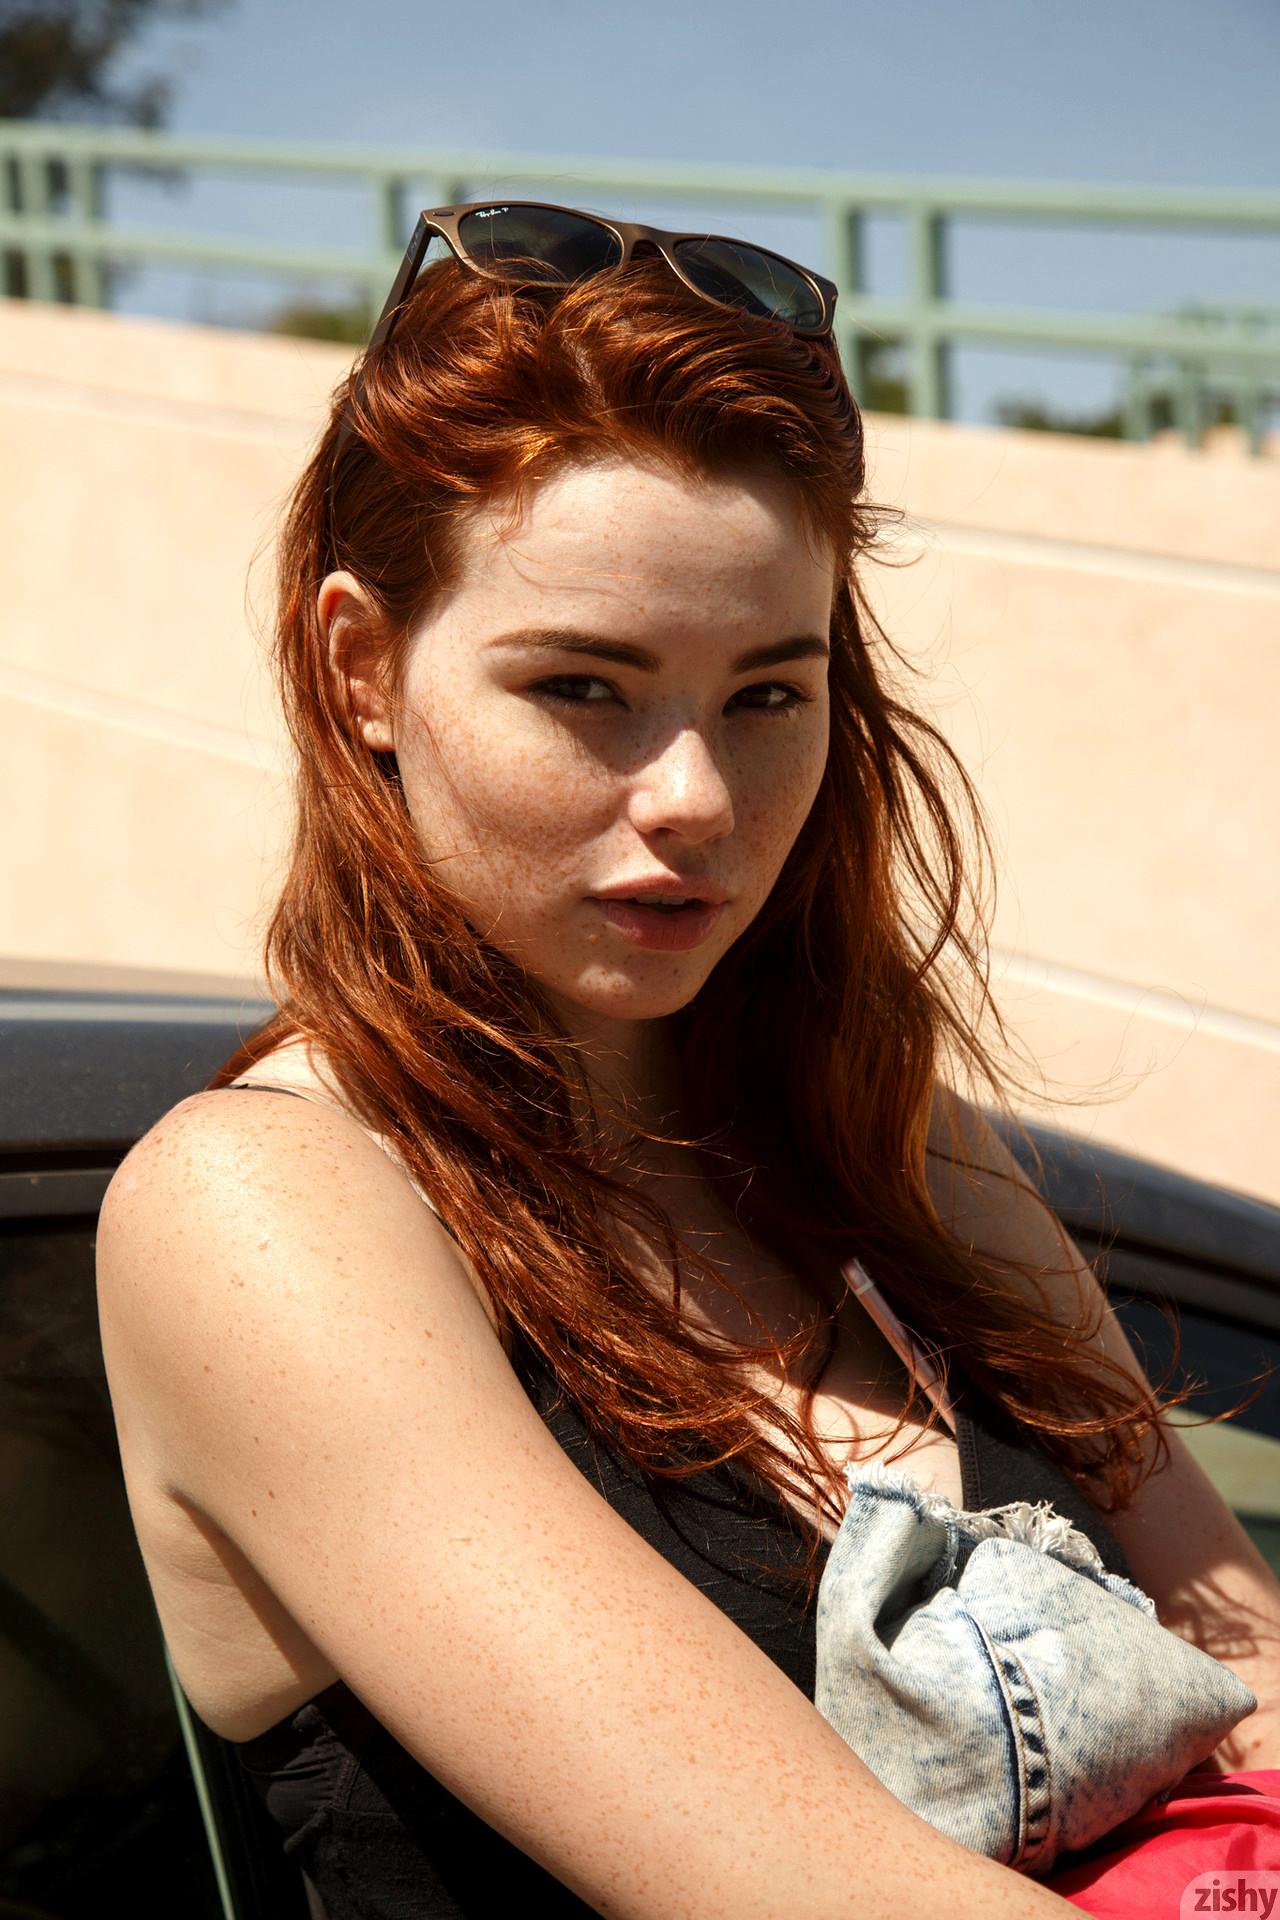 Sabrina redhead nude